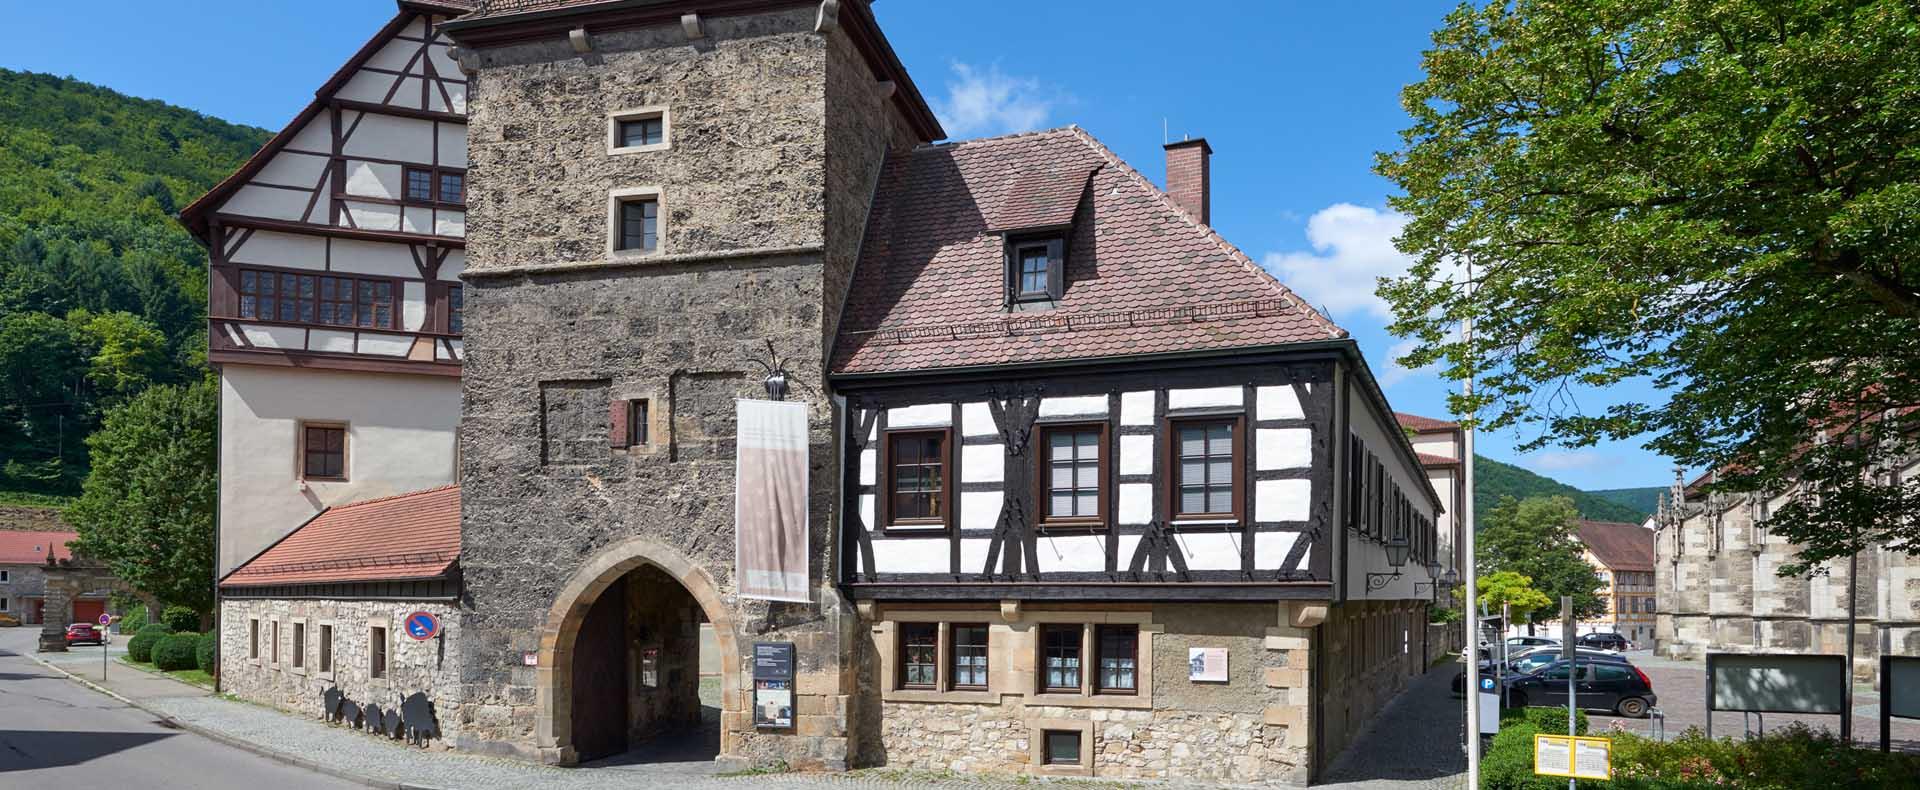 Sanierung Dekanat Bad Urach. Bauhar 1420, enge Zusammenarbeit mit dem Landesdenkmalamt